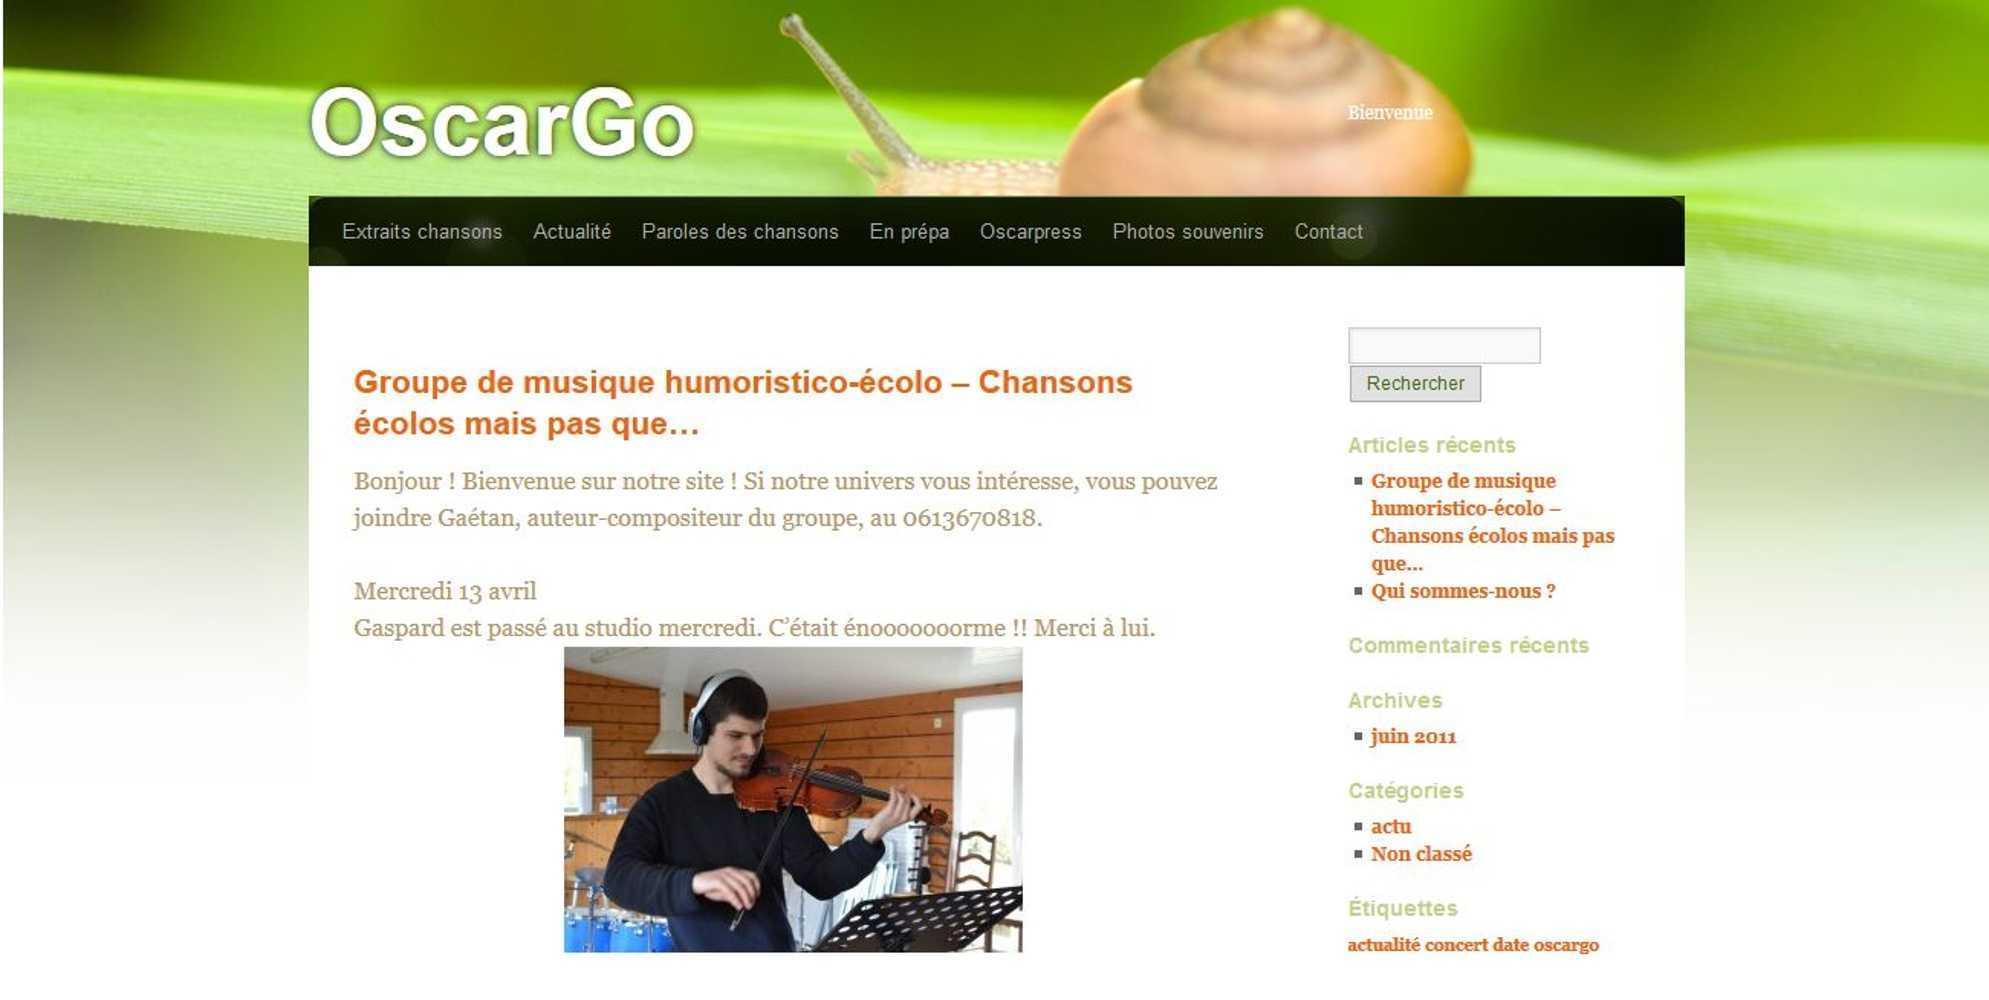 Le vendredi 22 avril à 20 heures 30, le comité de quartier de la Ville-Jouha reçoit « OscarGo » 0